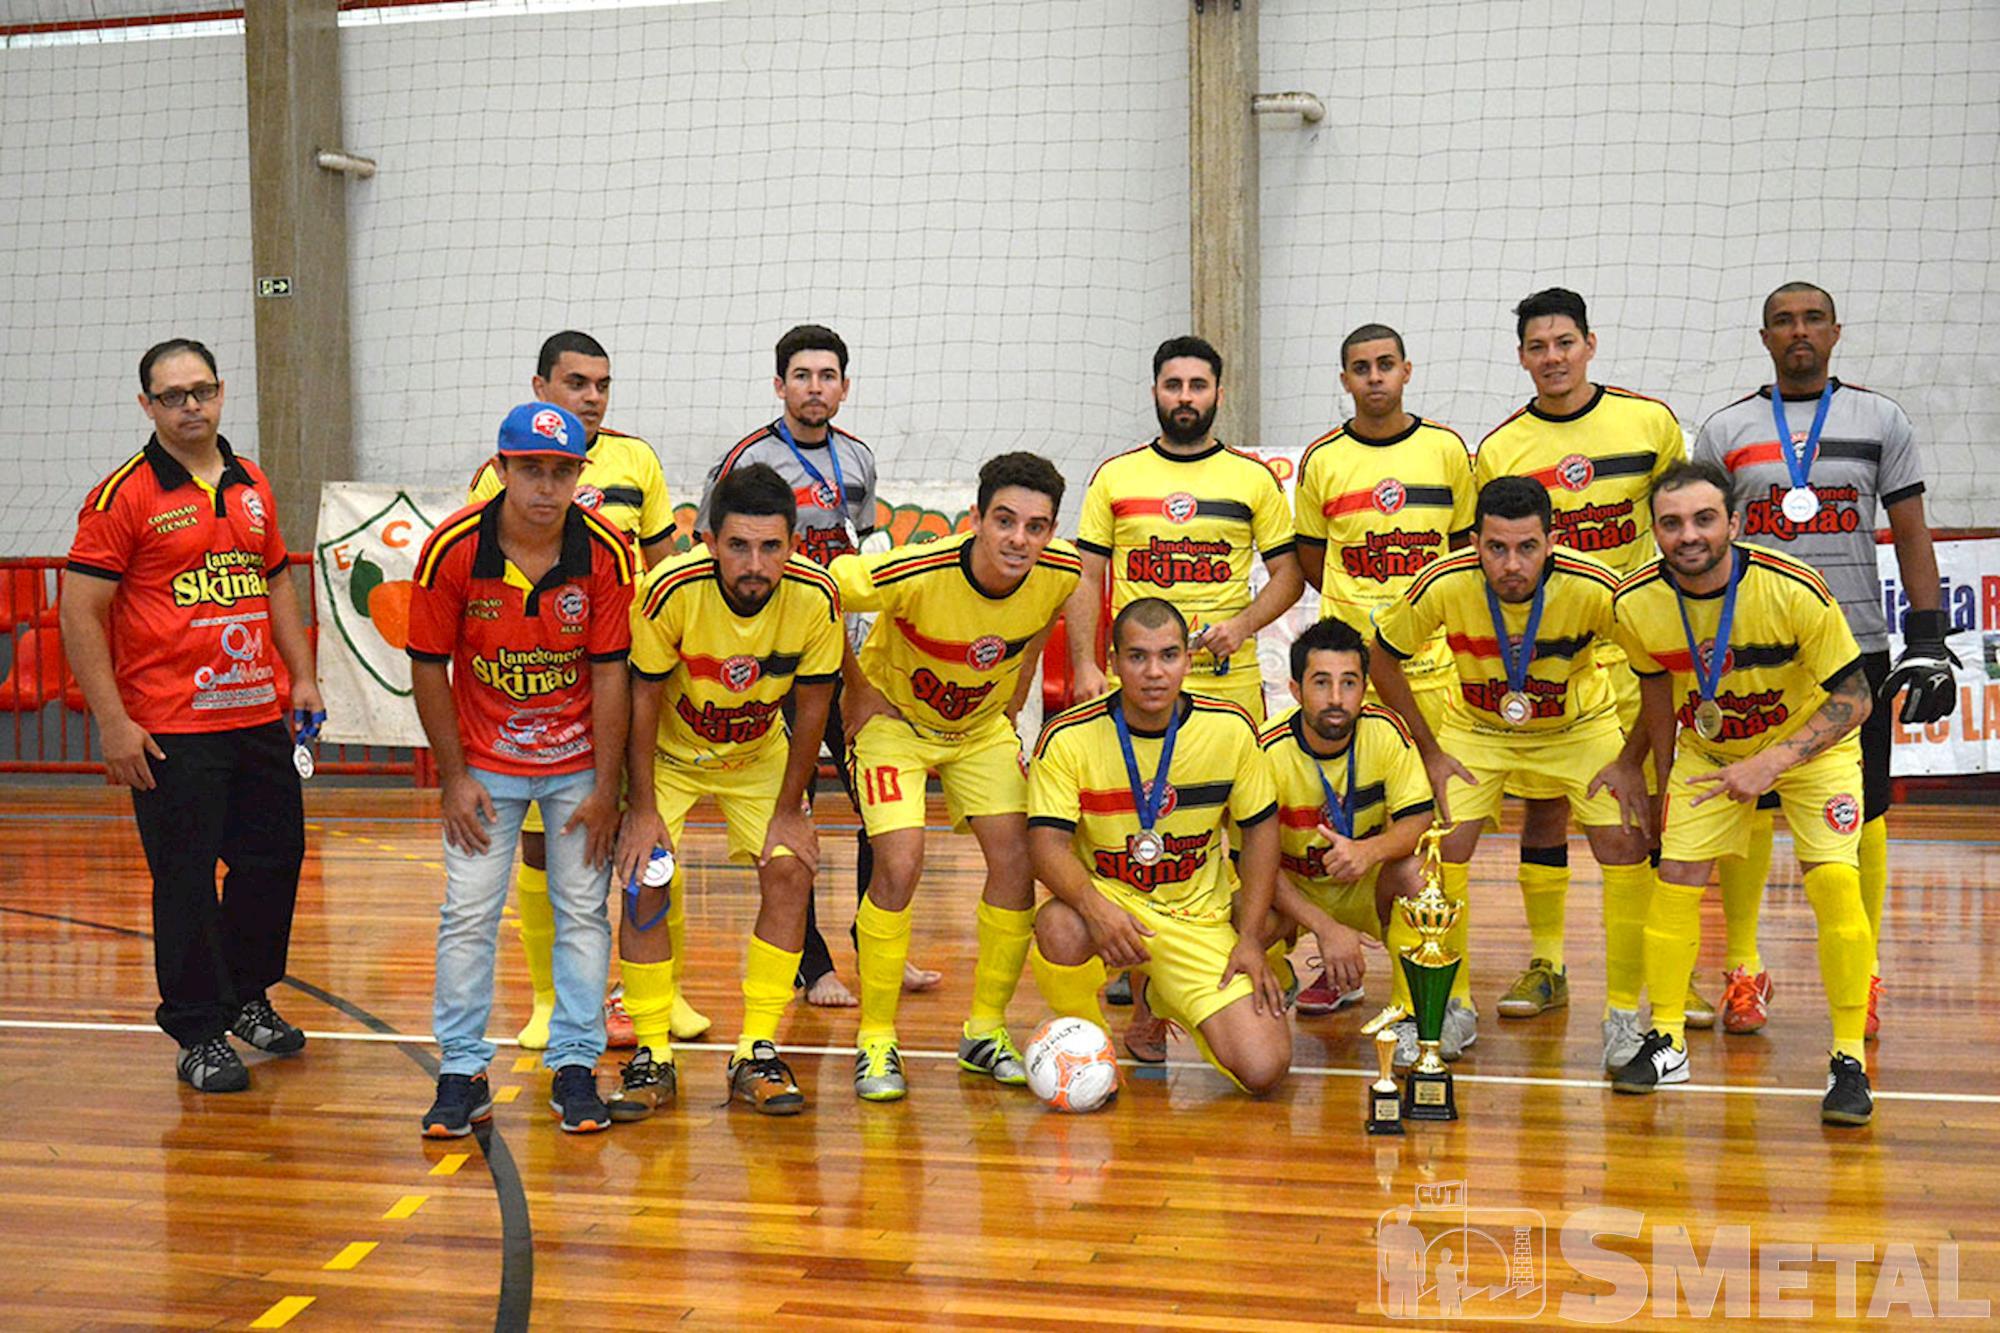 Equipe vice-campeã da 12ª Taça Papagaio,  Lanchonete Skinão, Final da 12ª Taça Papagaio do SMetal